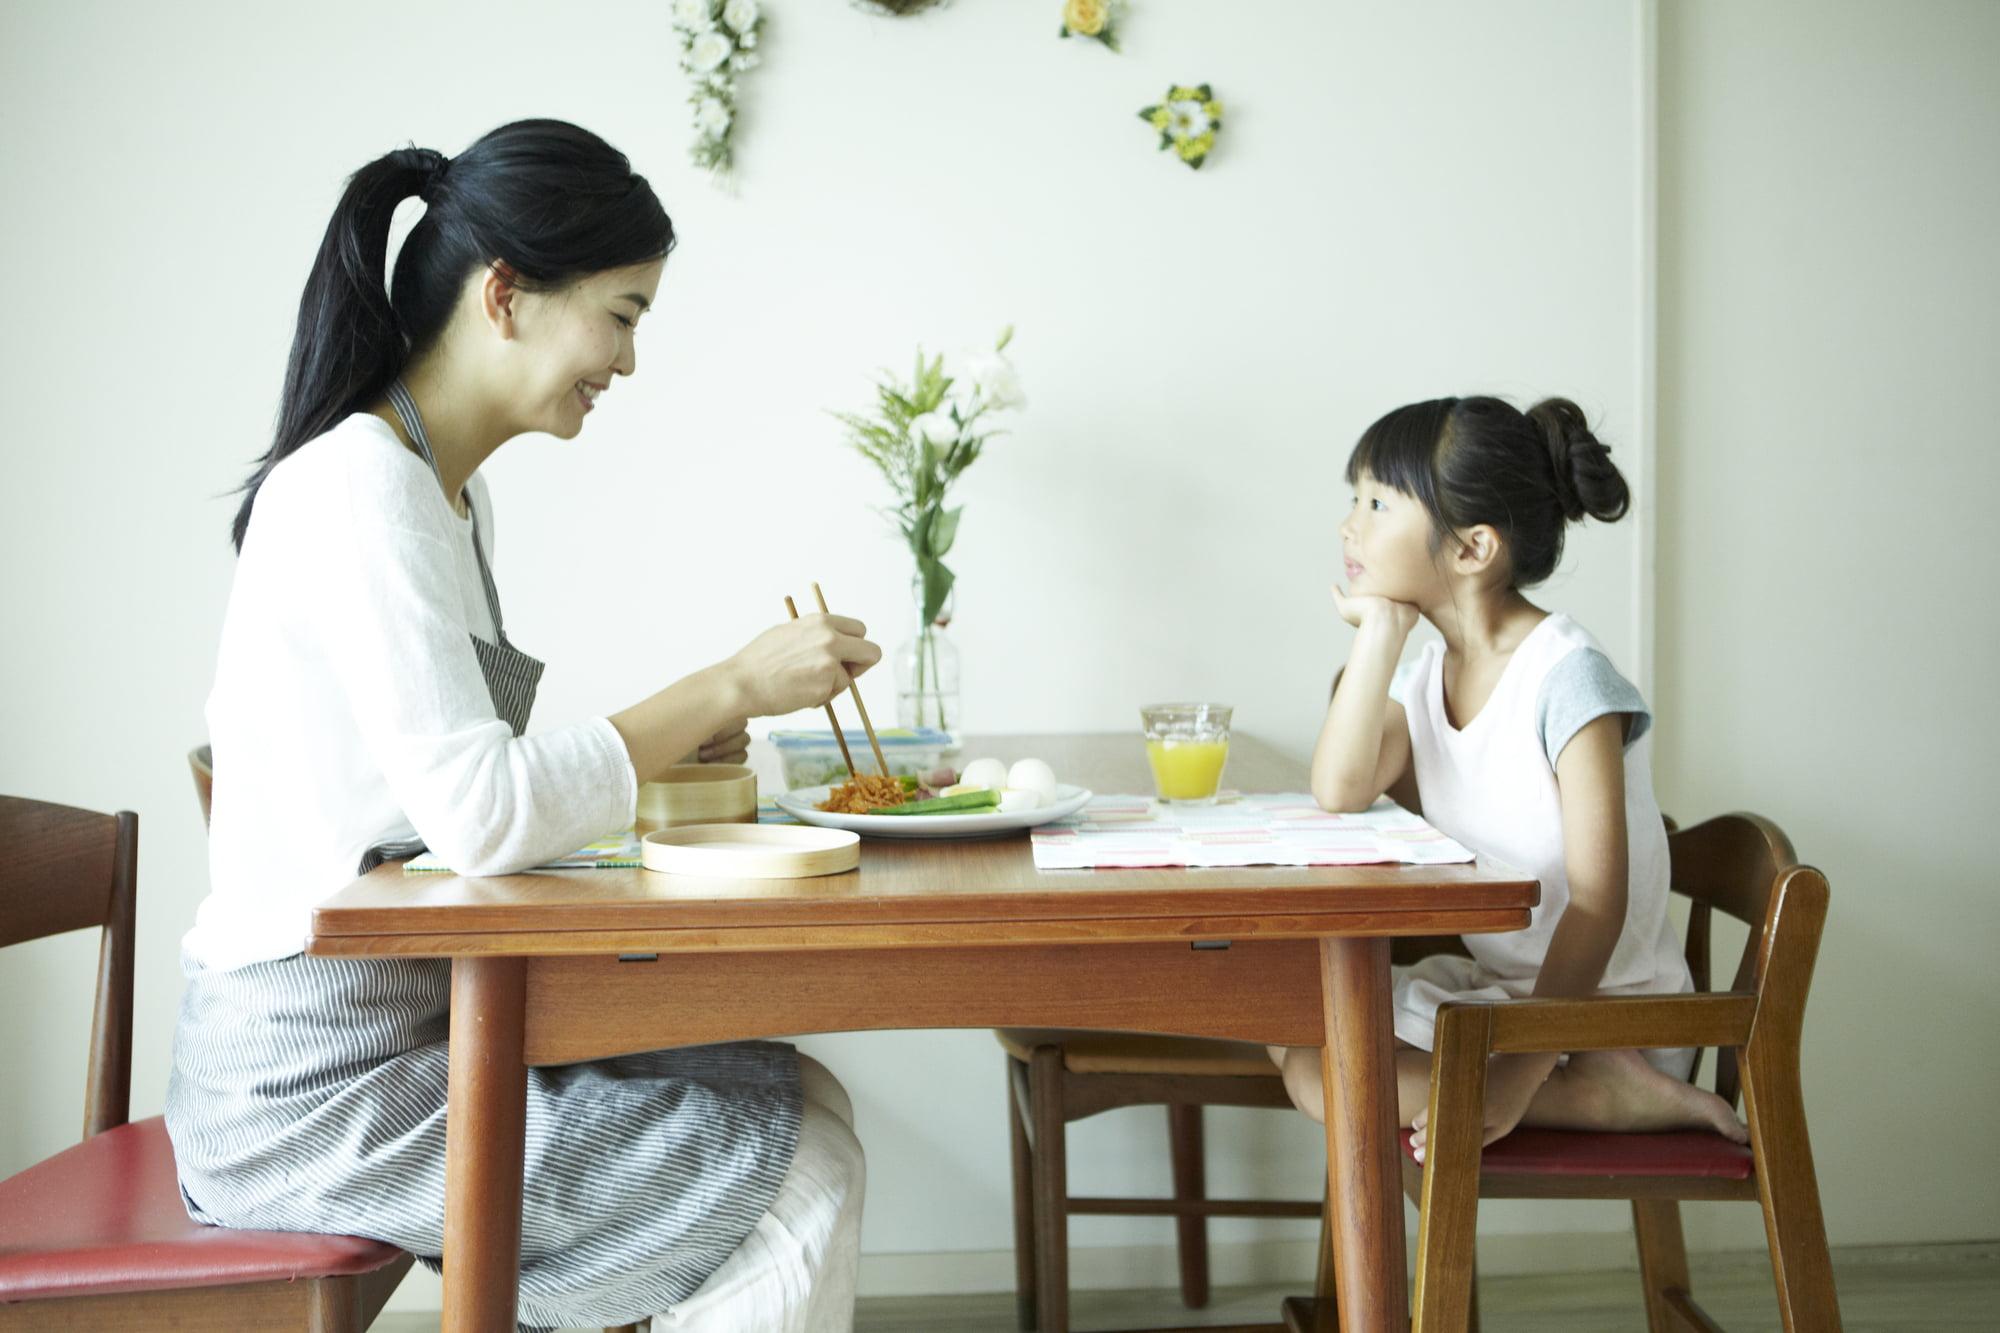 派遣-シングルマザーの食卓風景